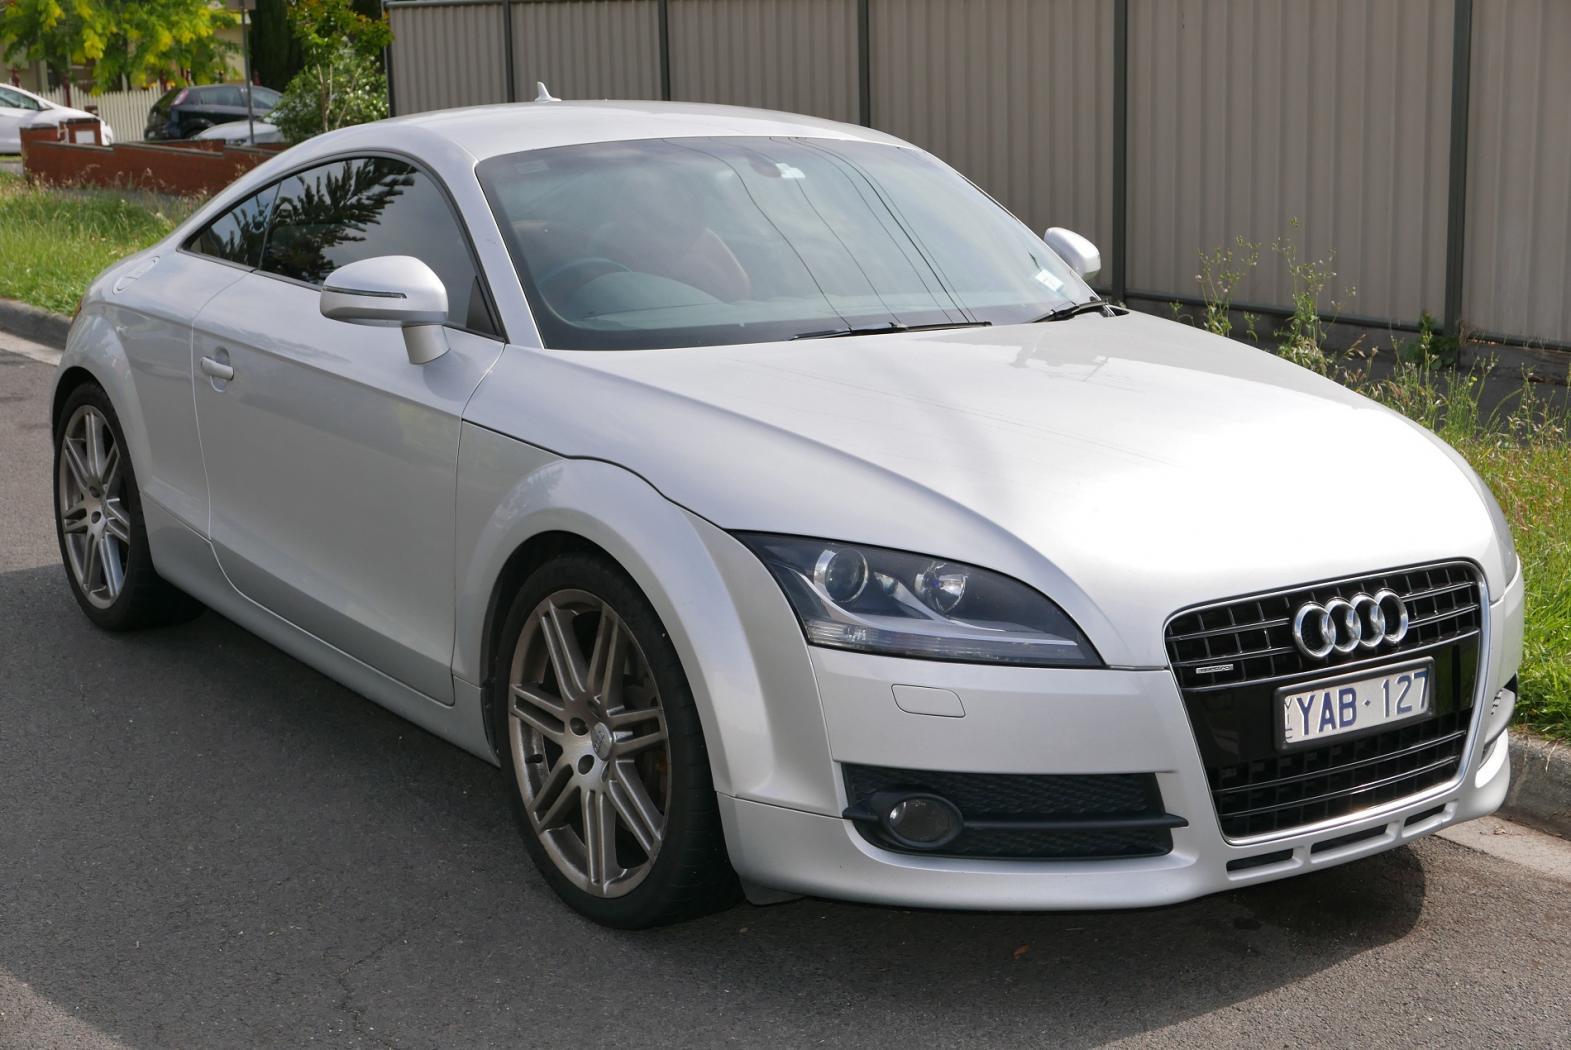 Audi-TTS-mk2-8j-1